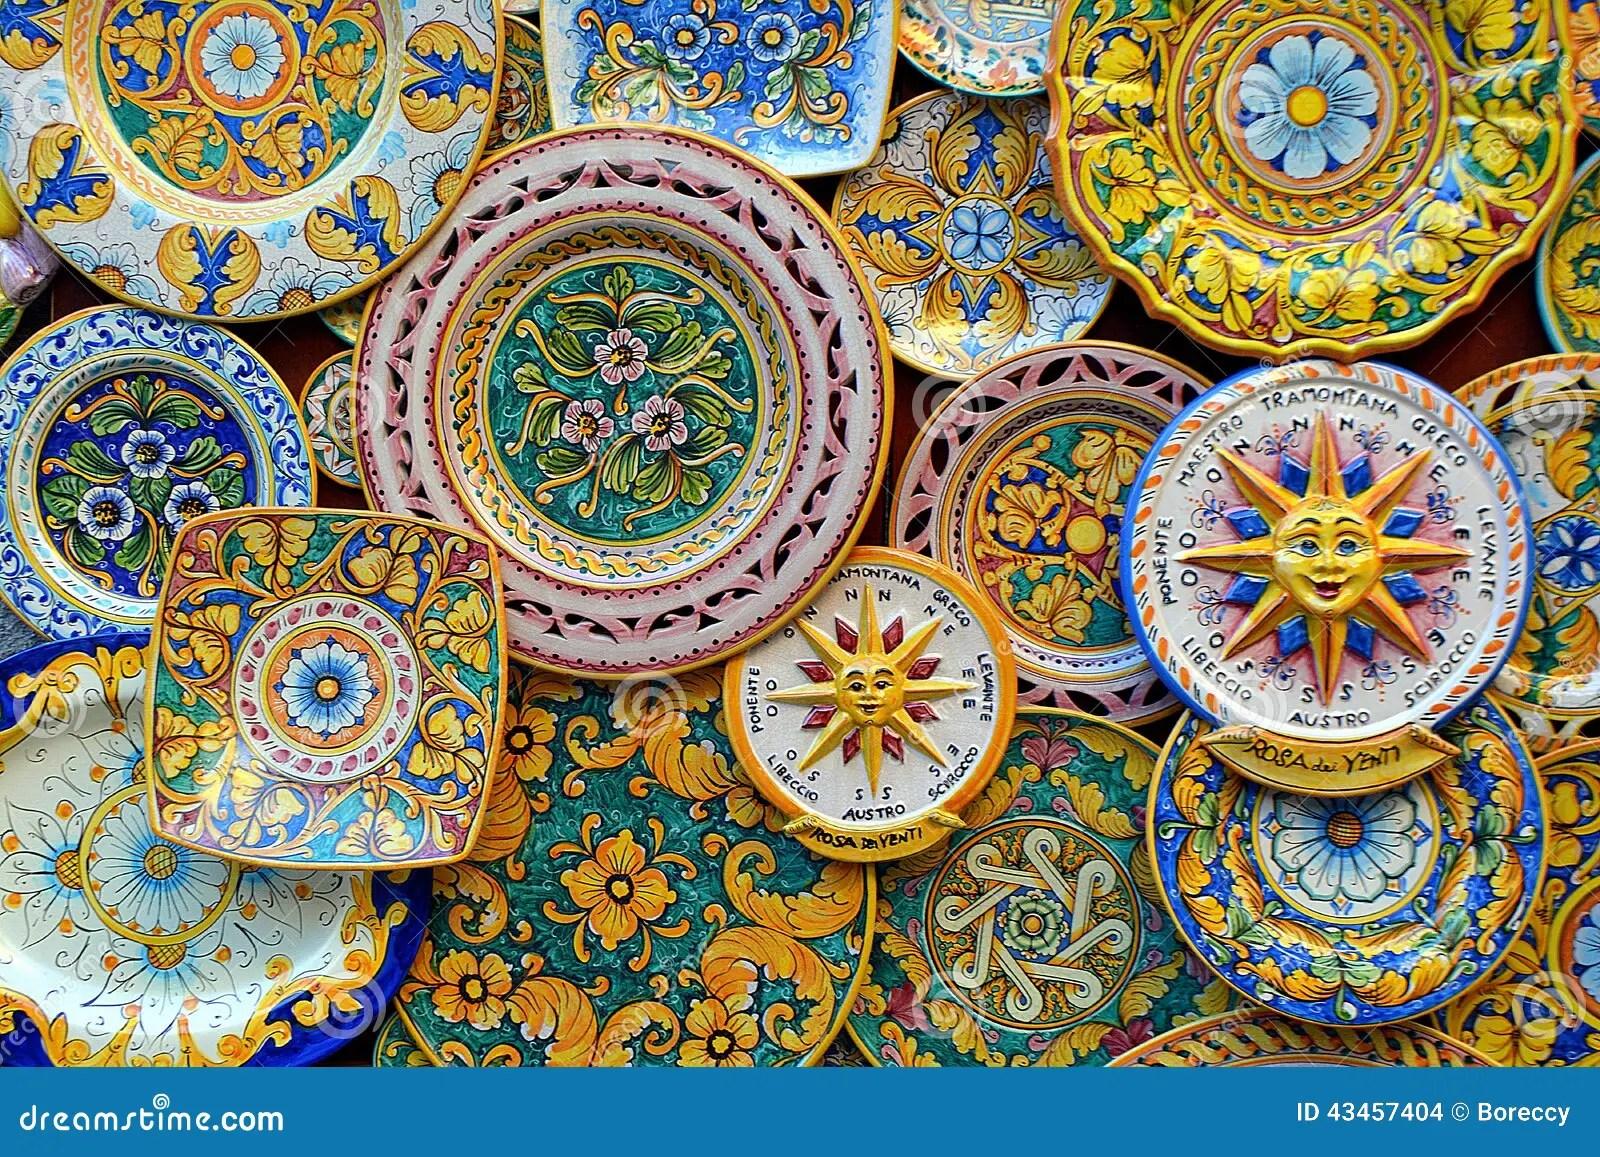 Piastrelle decorate con scritte mattonelle esagonali bagno